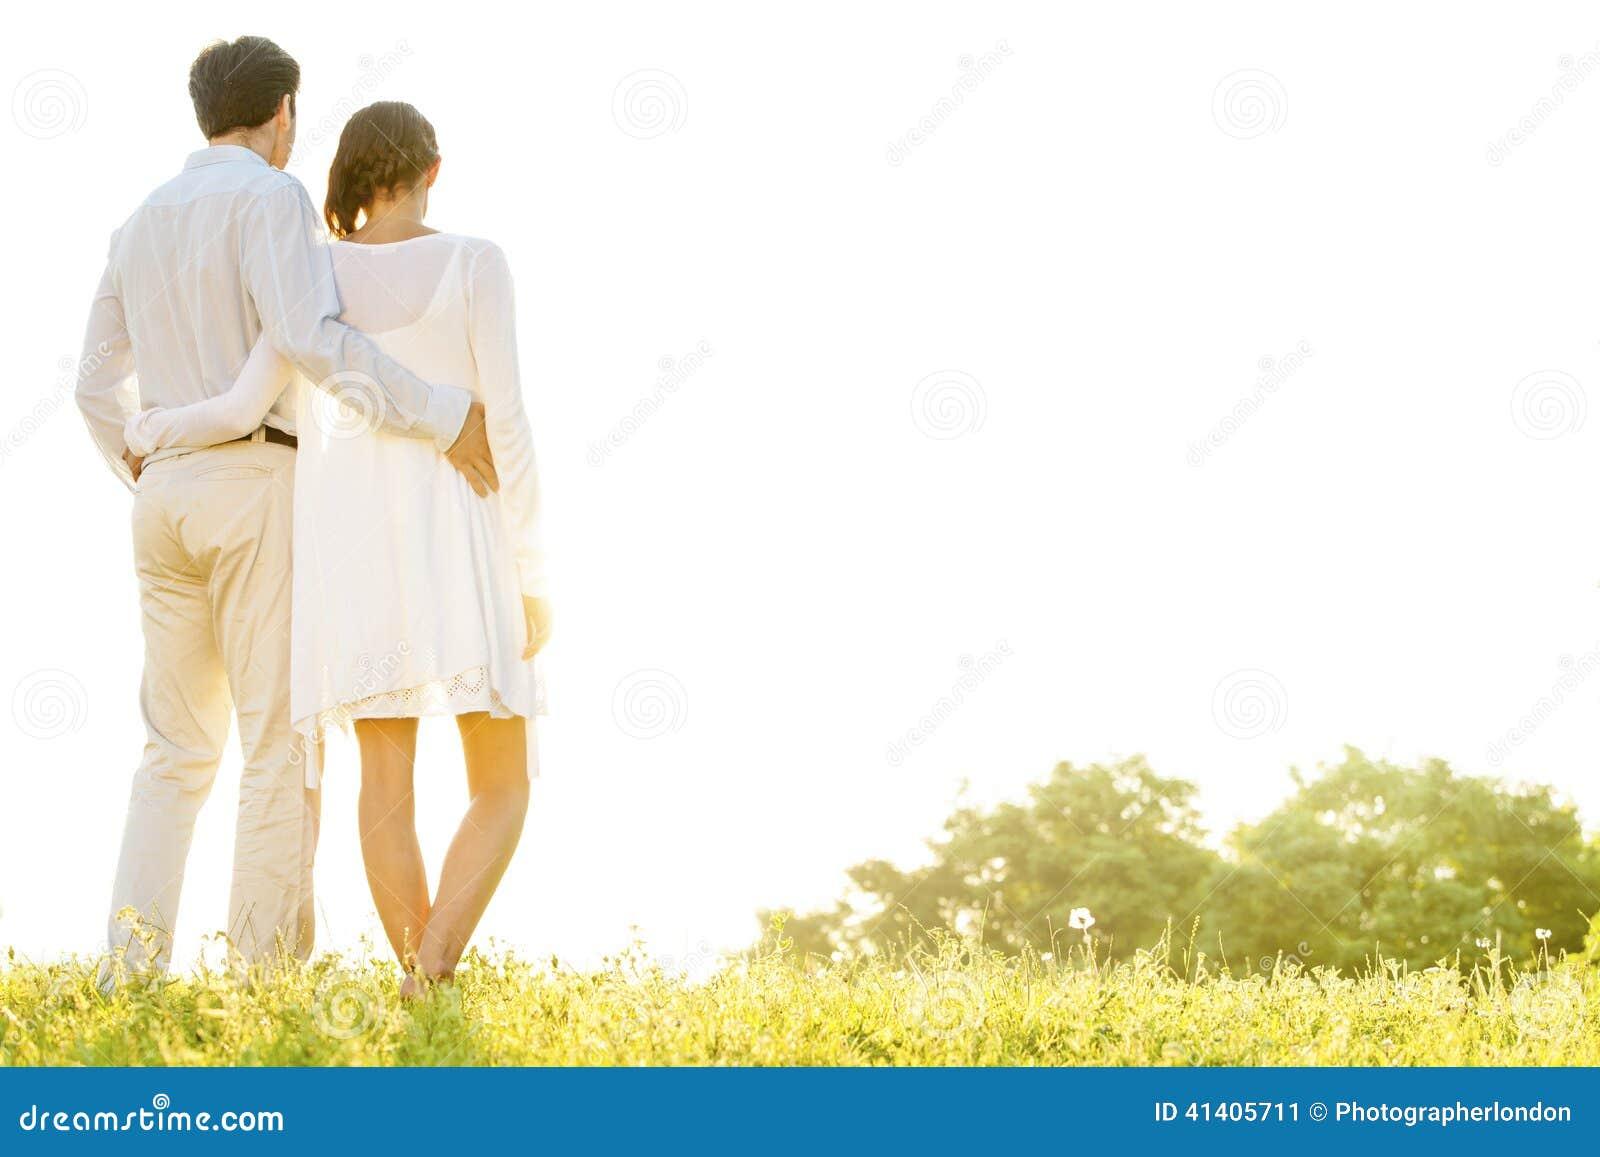 Vista traseira dos braços eretos dos pares loving ao redor contra o céu claro